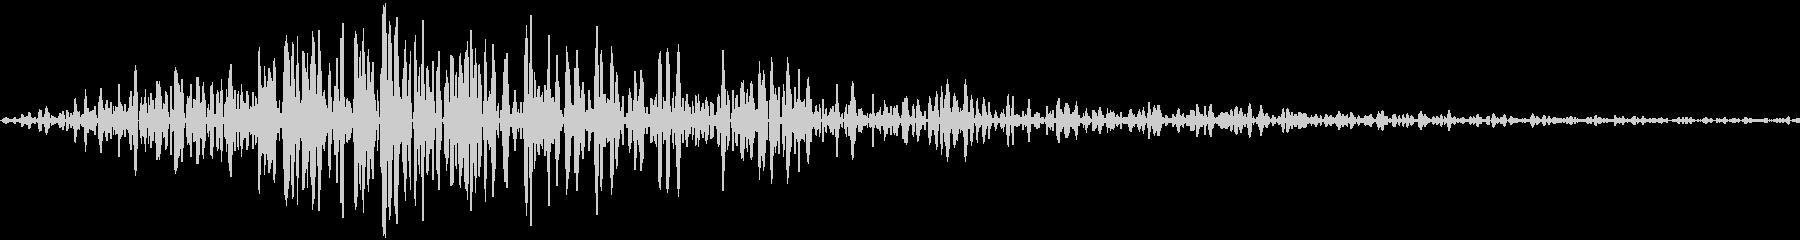 クリック、ボタン音(ピャッ)の未再生の波形